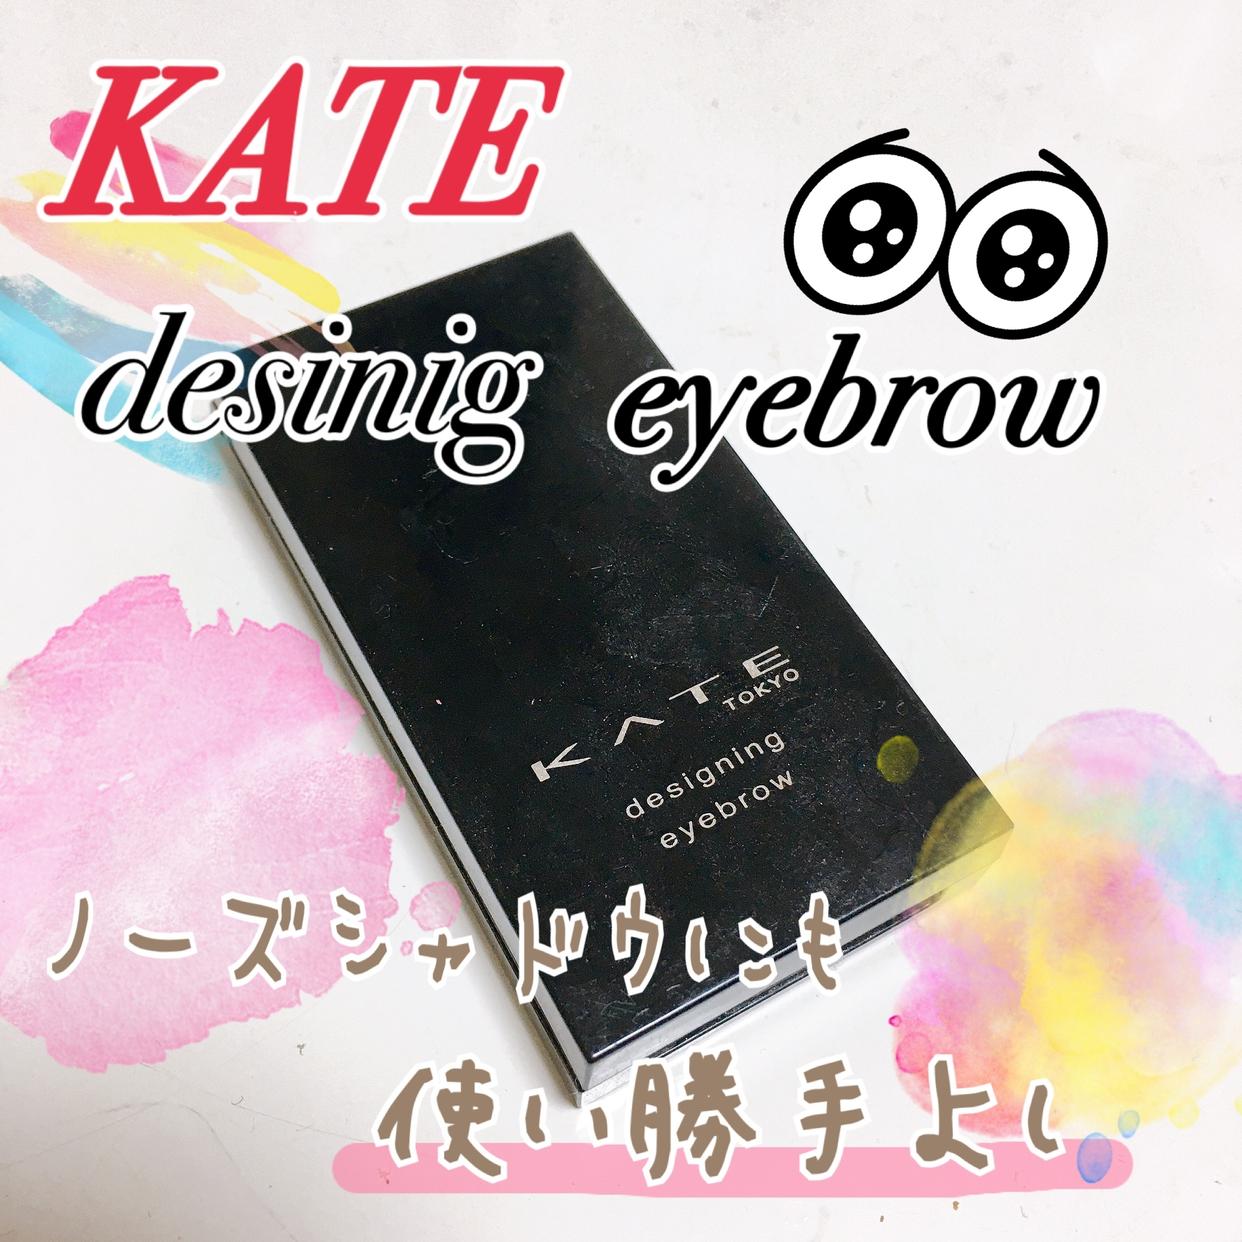 KATE(ケイト) デザイニングアイブロウ3Dを使ったRinaさんのクチコミ画像1